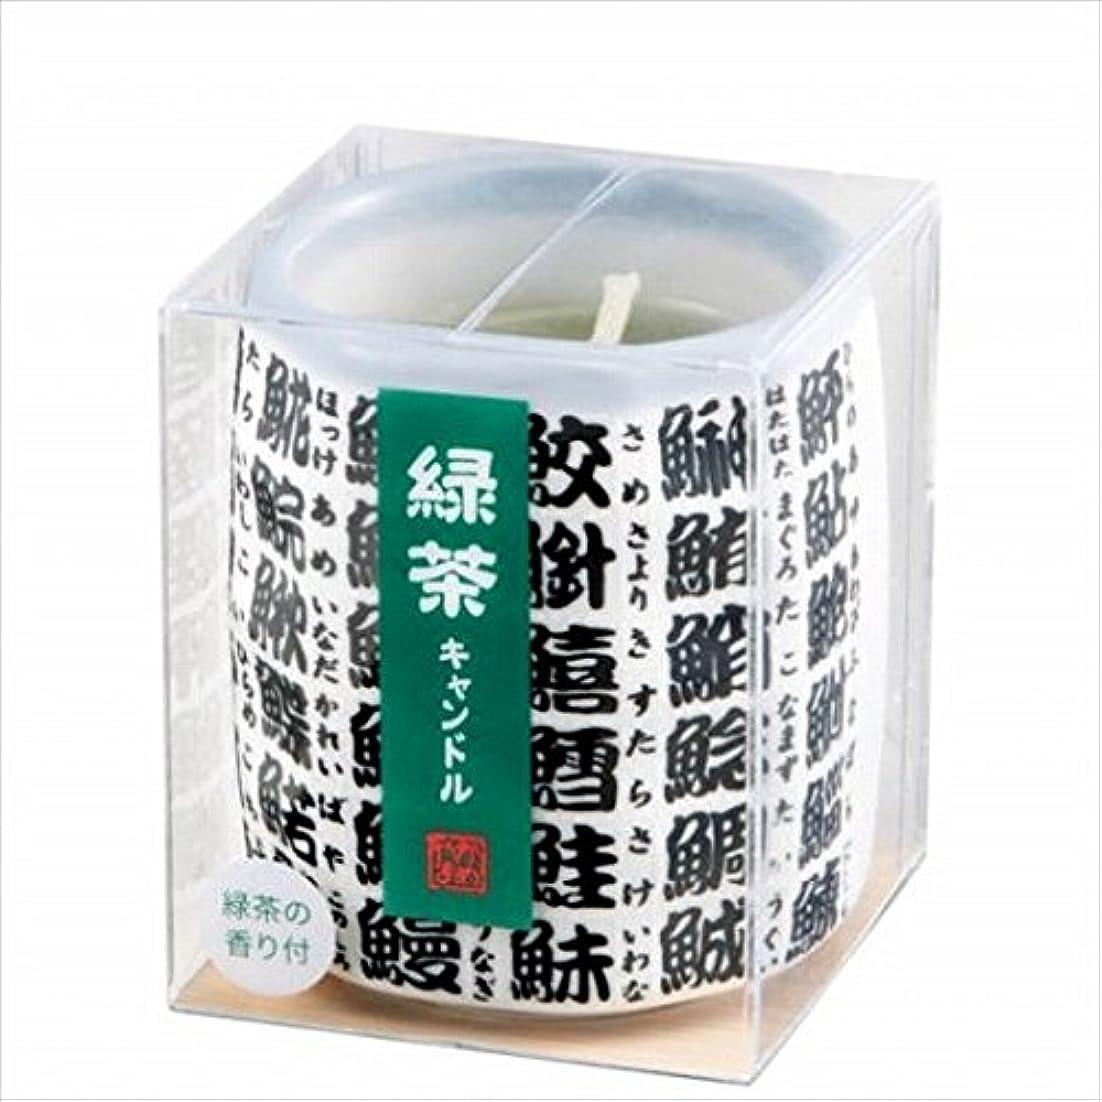 活力熟す揃えるkameyama candle(カメヤマキャンドル) 緑茶キャンドル(小)(86070010)